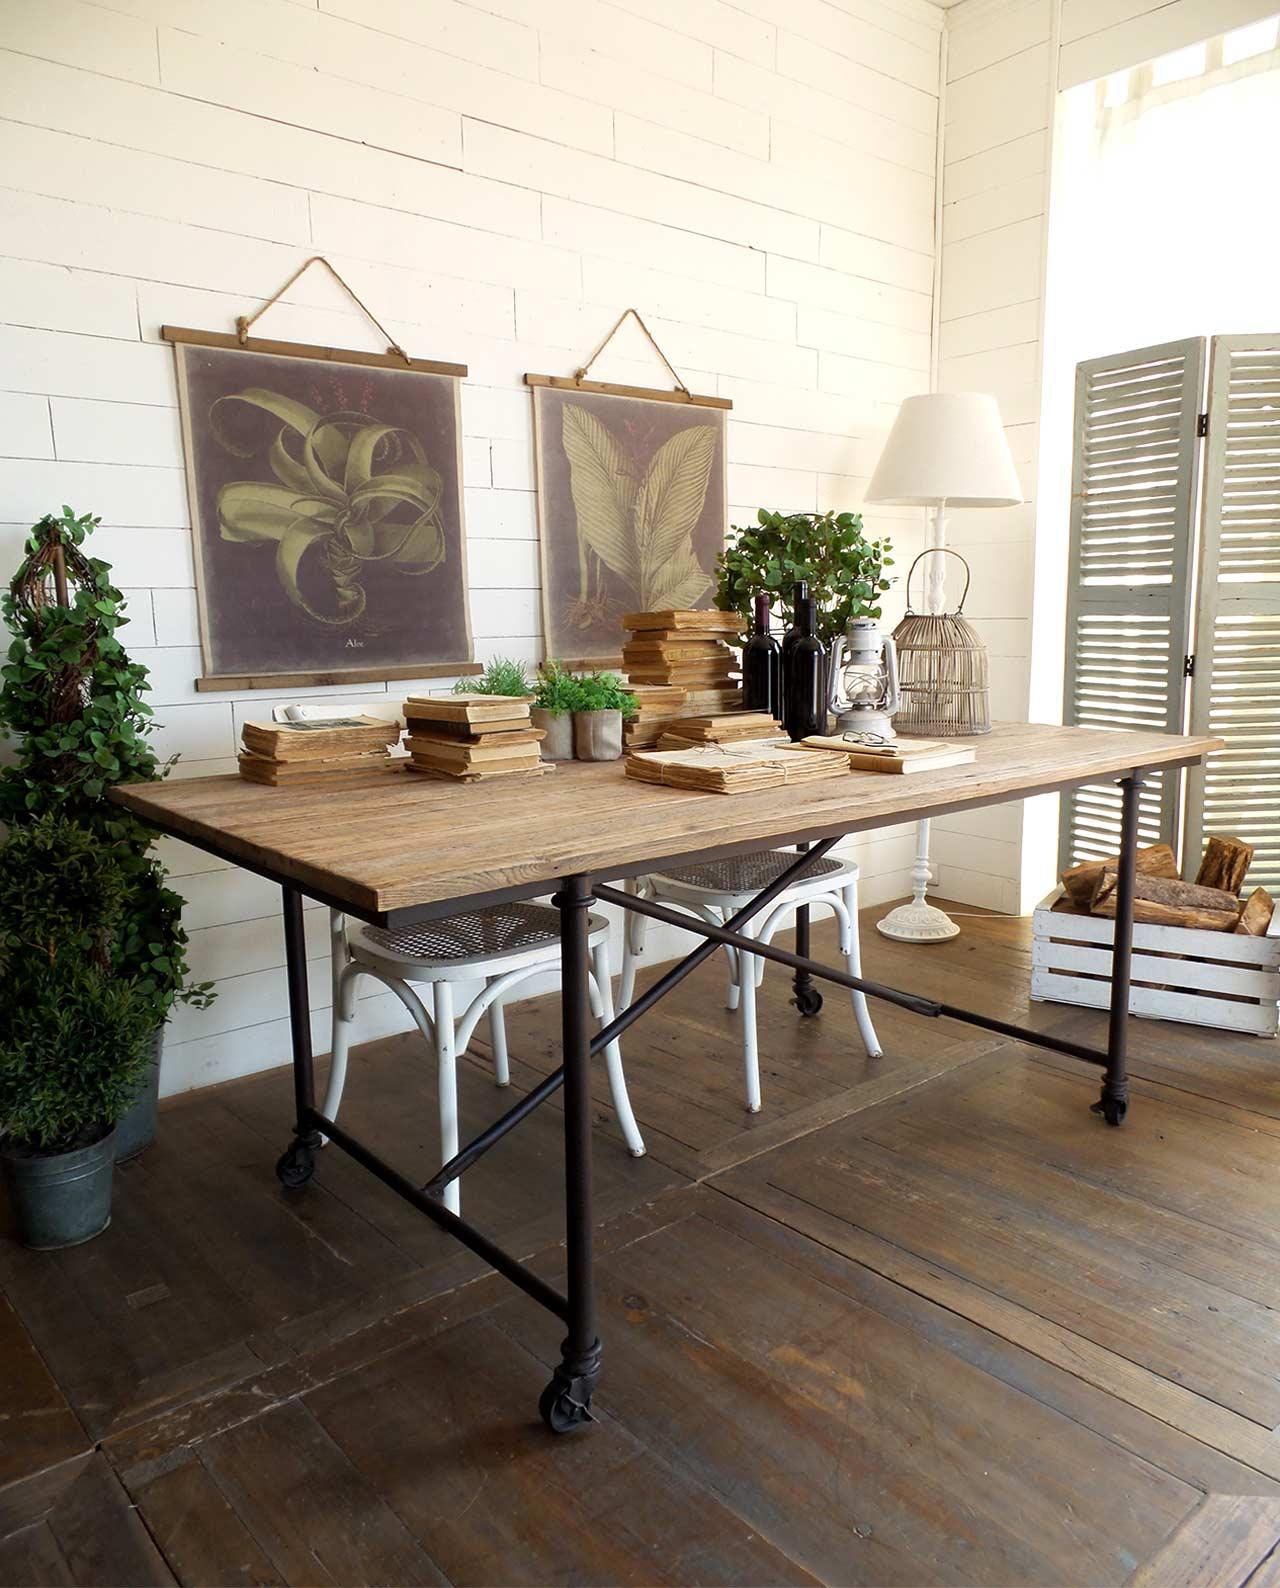 Tavolo industrial ferro battuto e legno con ruote - Tavolo con ruote ...